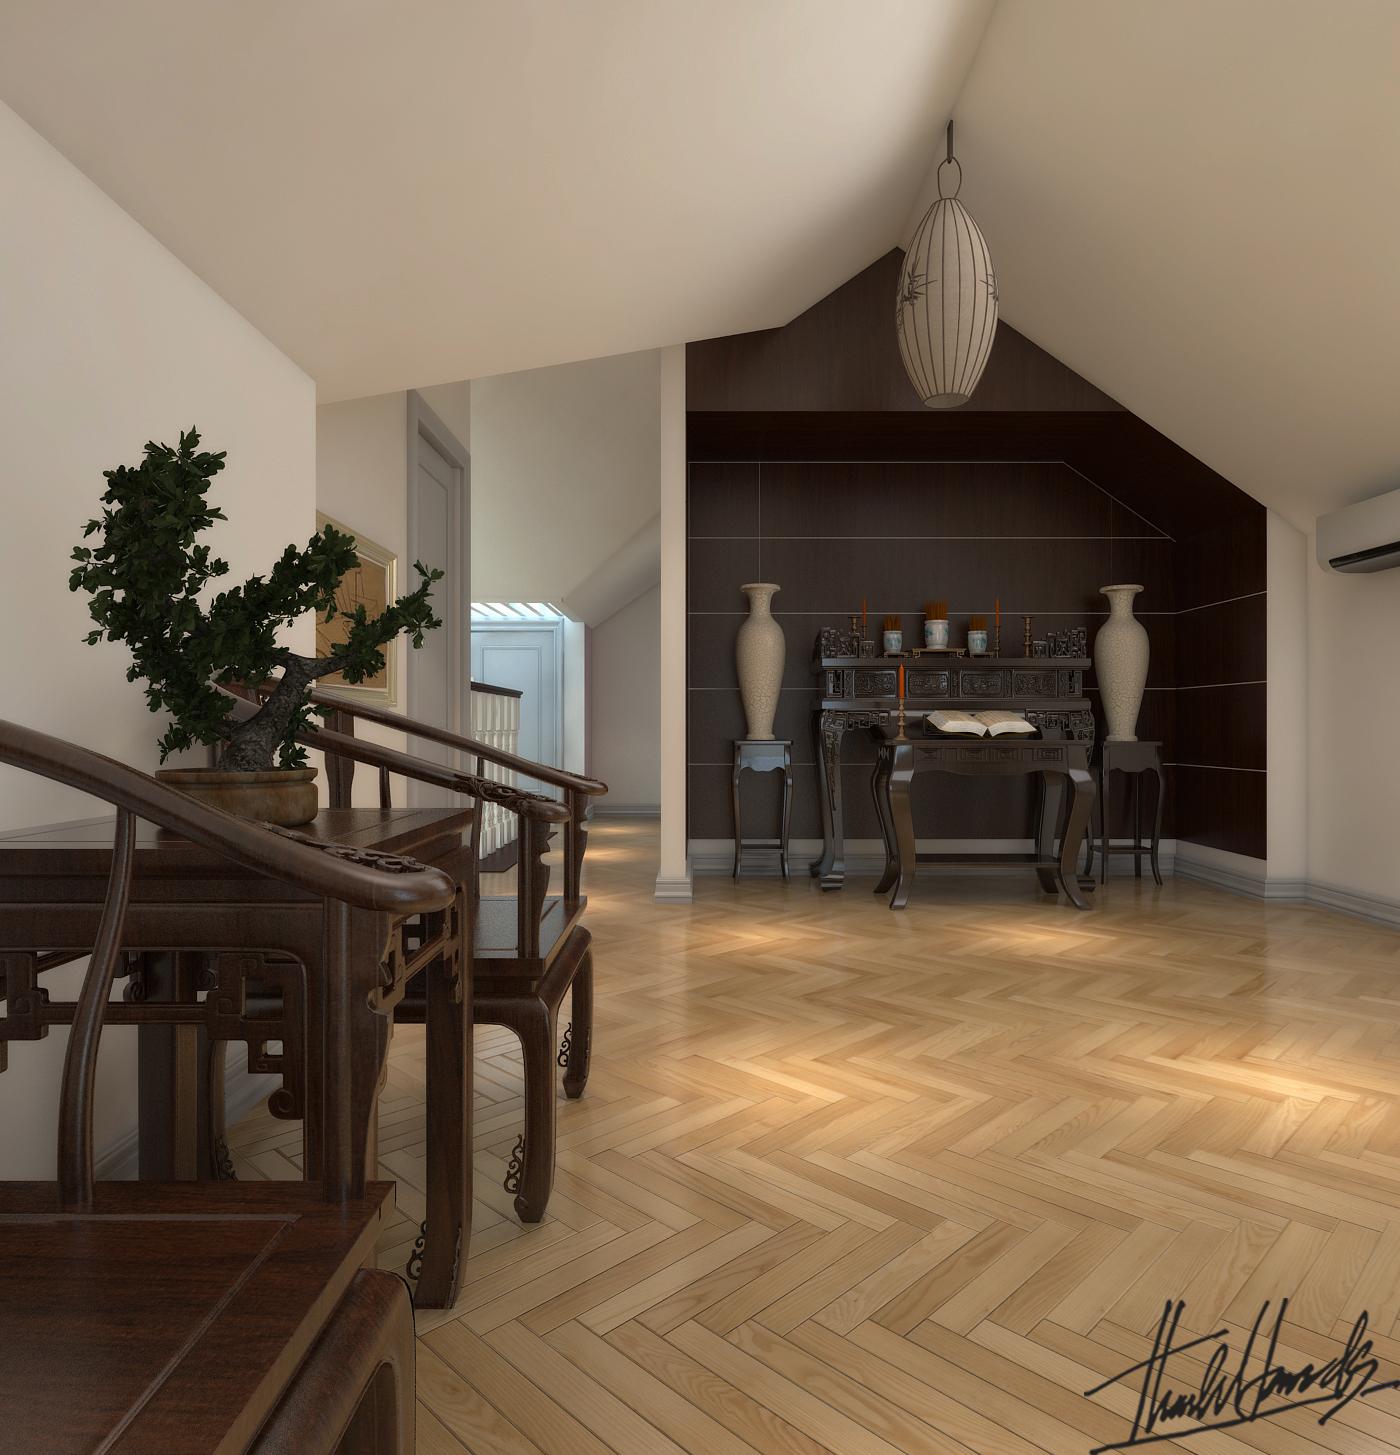 thiết kế nội thất Biệt Thự tại Hà Nội bt Vinhomes - riverside 14 1568274528